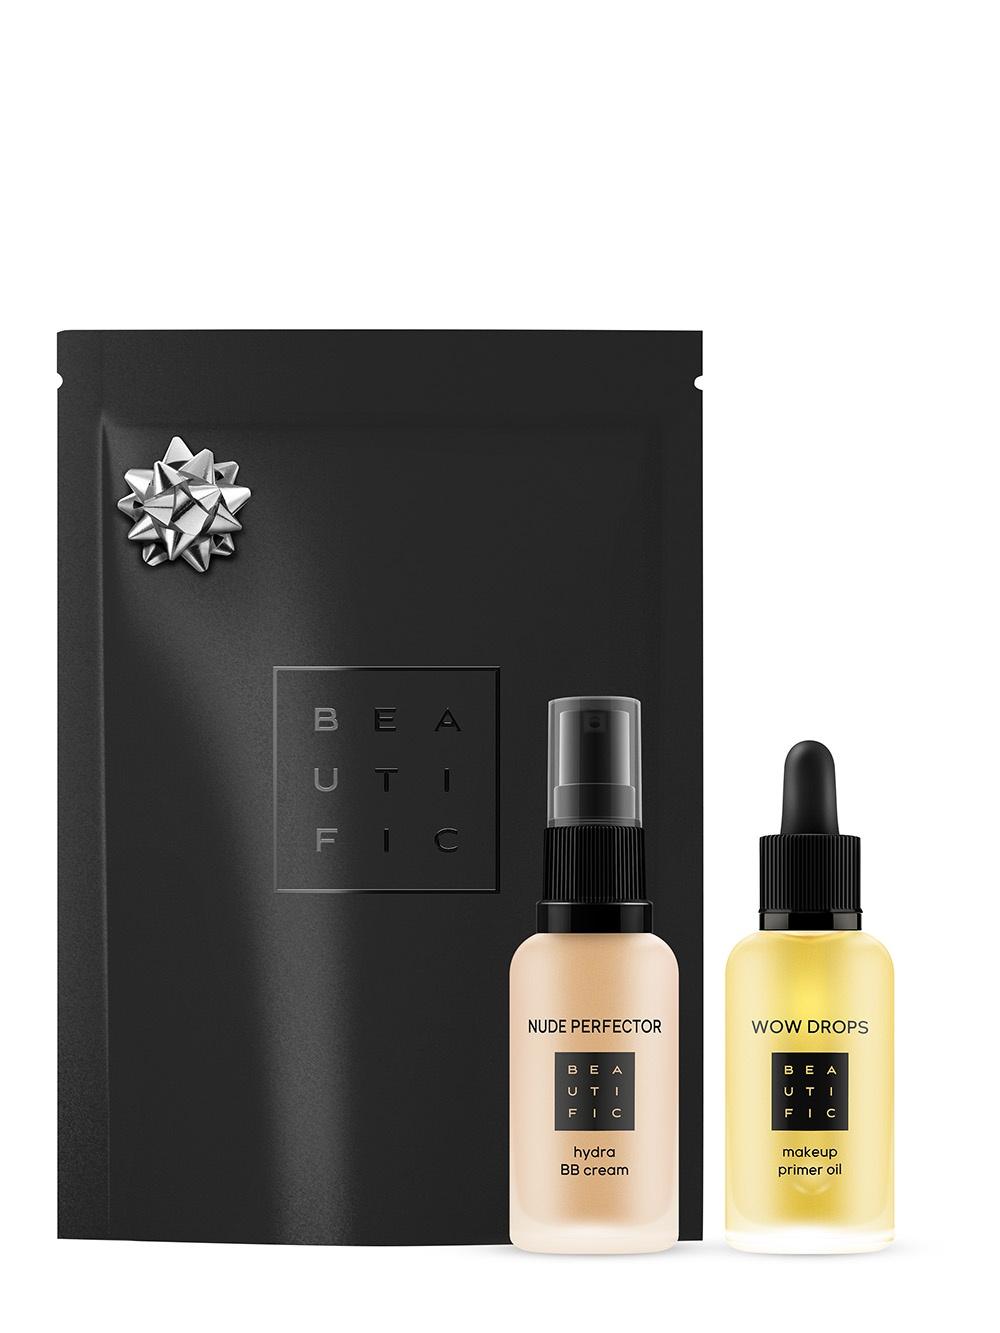 Набор декоративной косметики BEAUTIFIC Для идеального макияжа WOW Makeup: масло-праймер и BB-крем №2 (теплый бежевый), 300